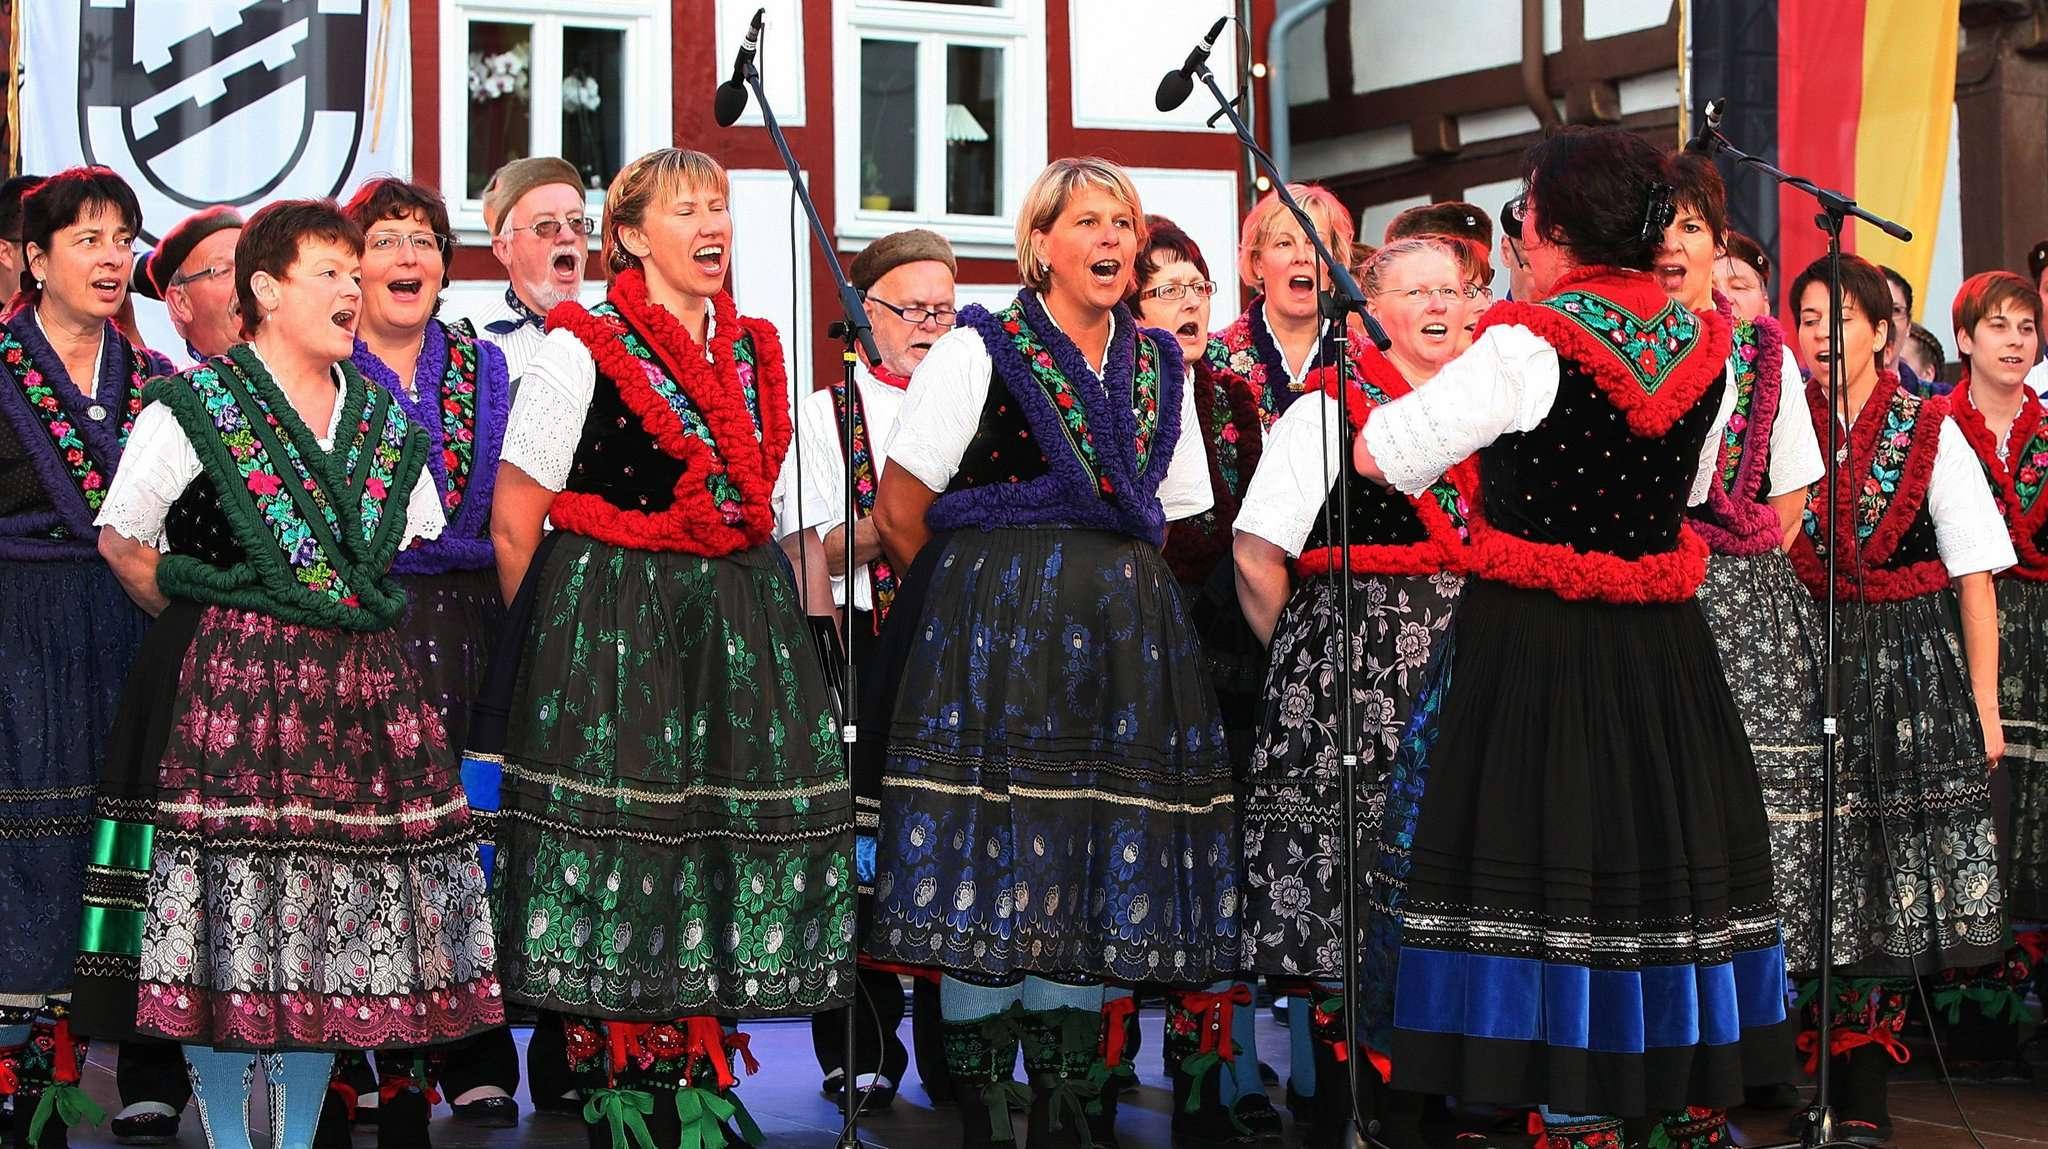 Der Chor des Schlitzerländer Trachten- und Volkstanzkreises tritt beim Konzert der Beek-Uln auf.